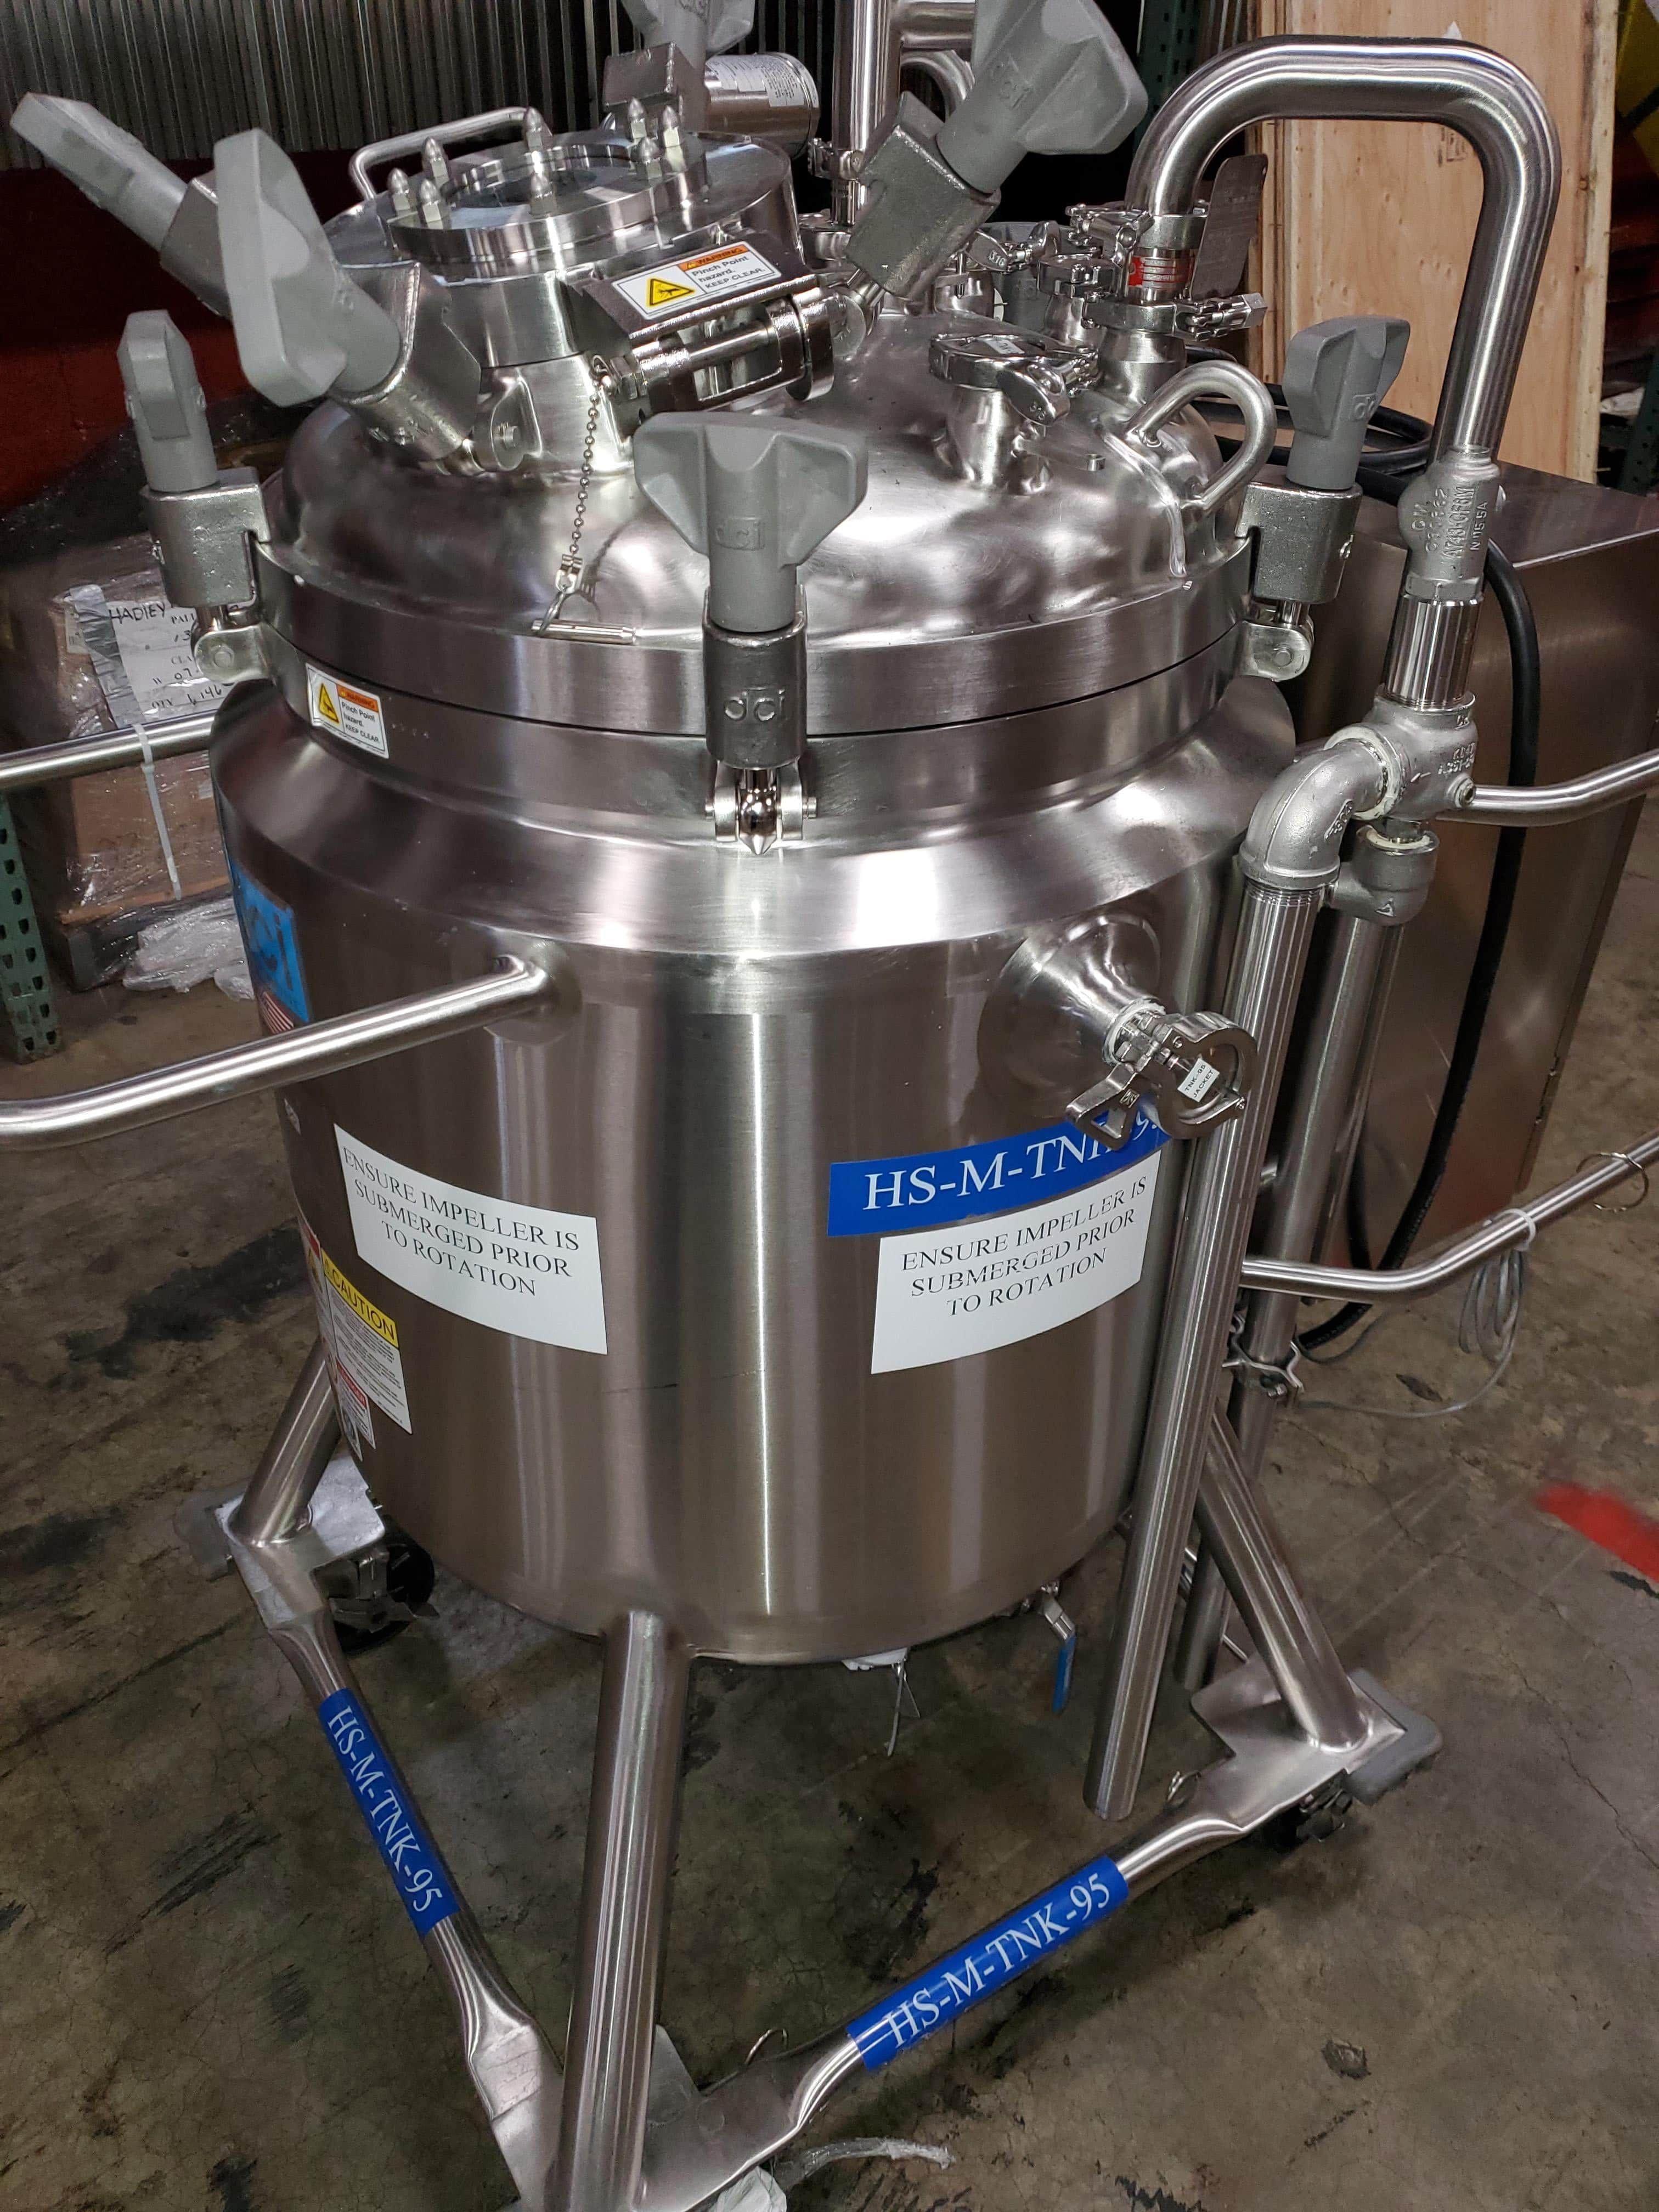 125 Liter DCI Tank Jacketed mixing tank Bottom mixer Year 2016